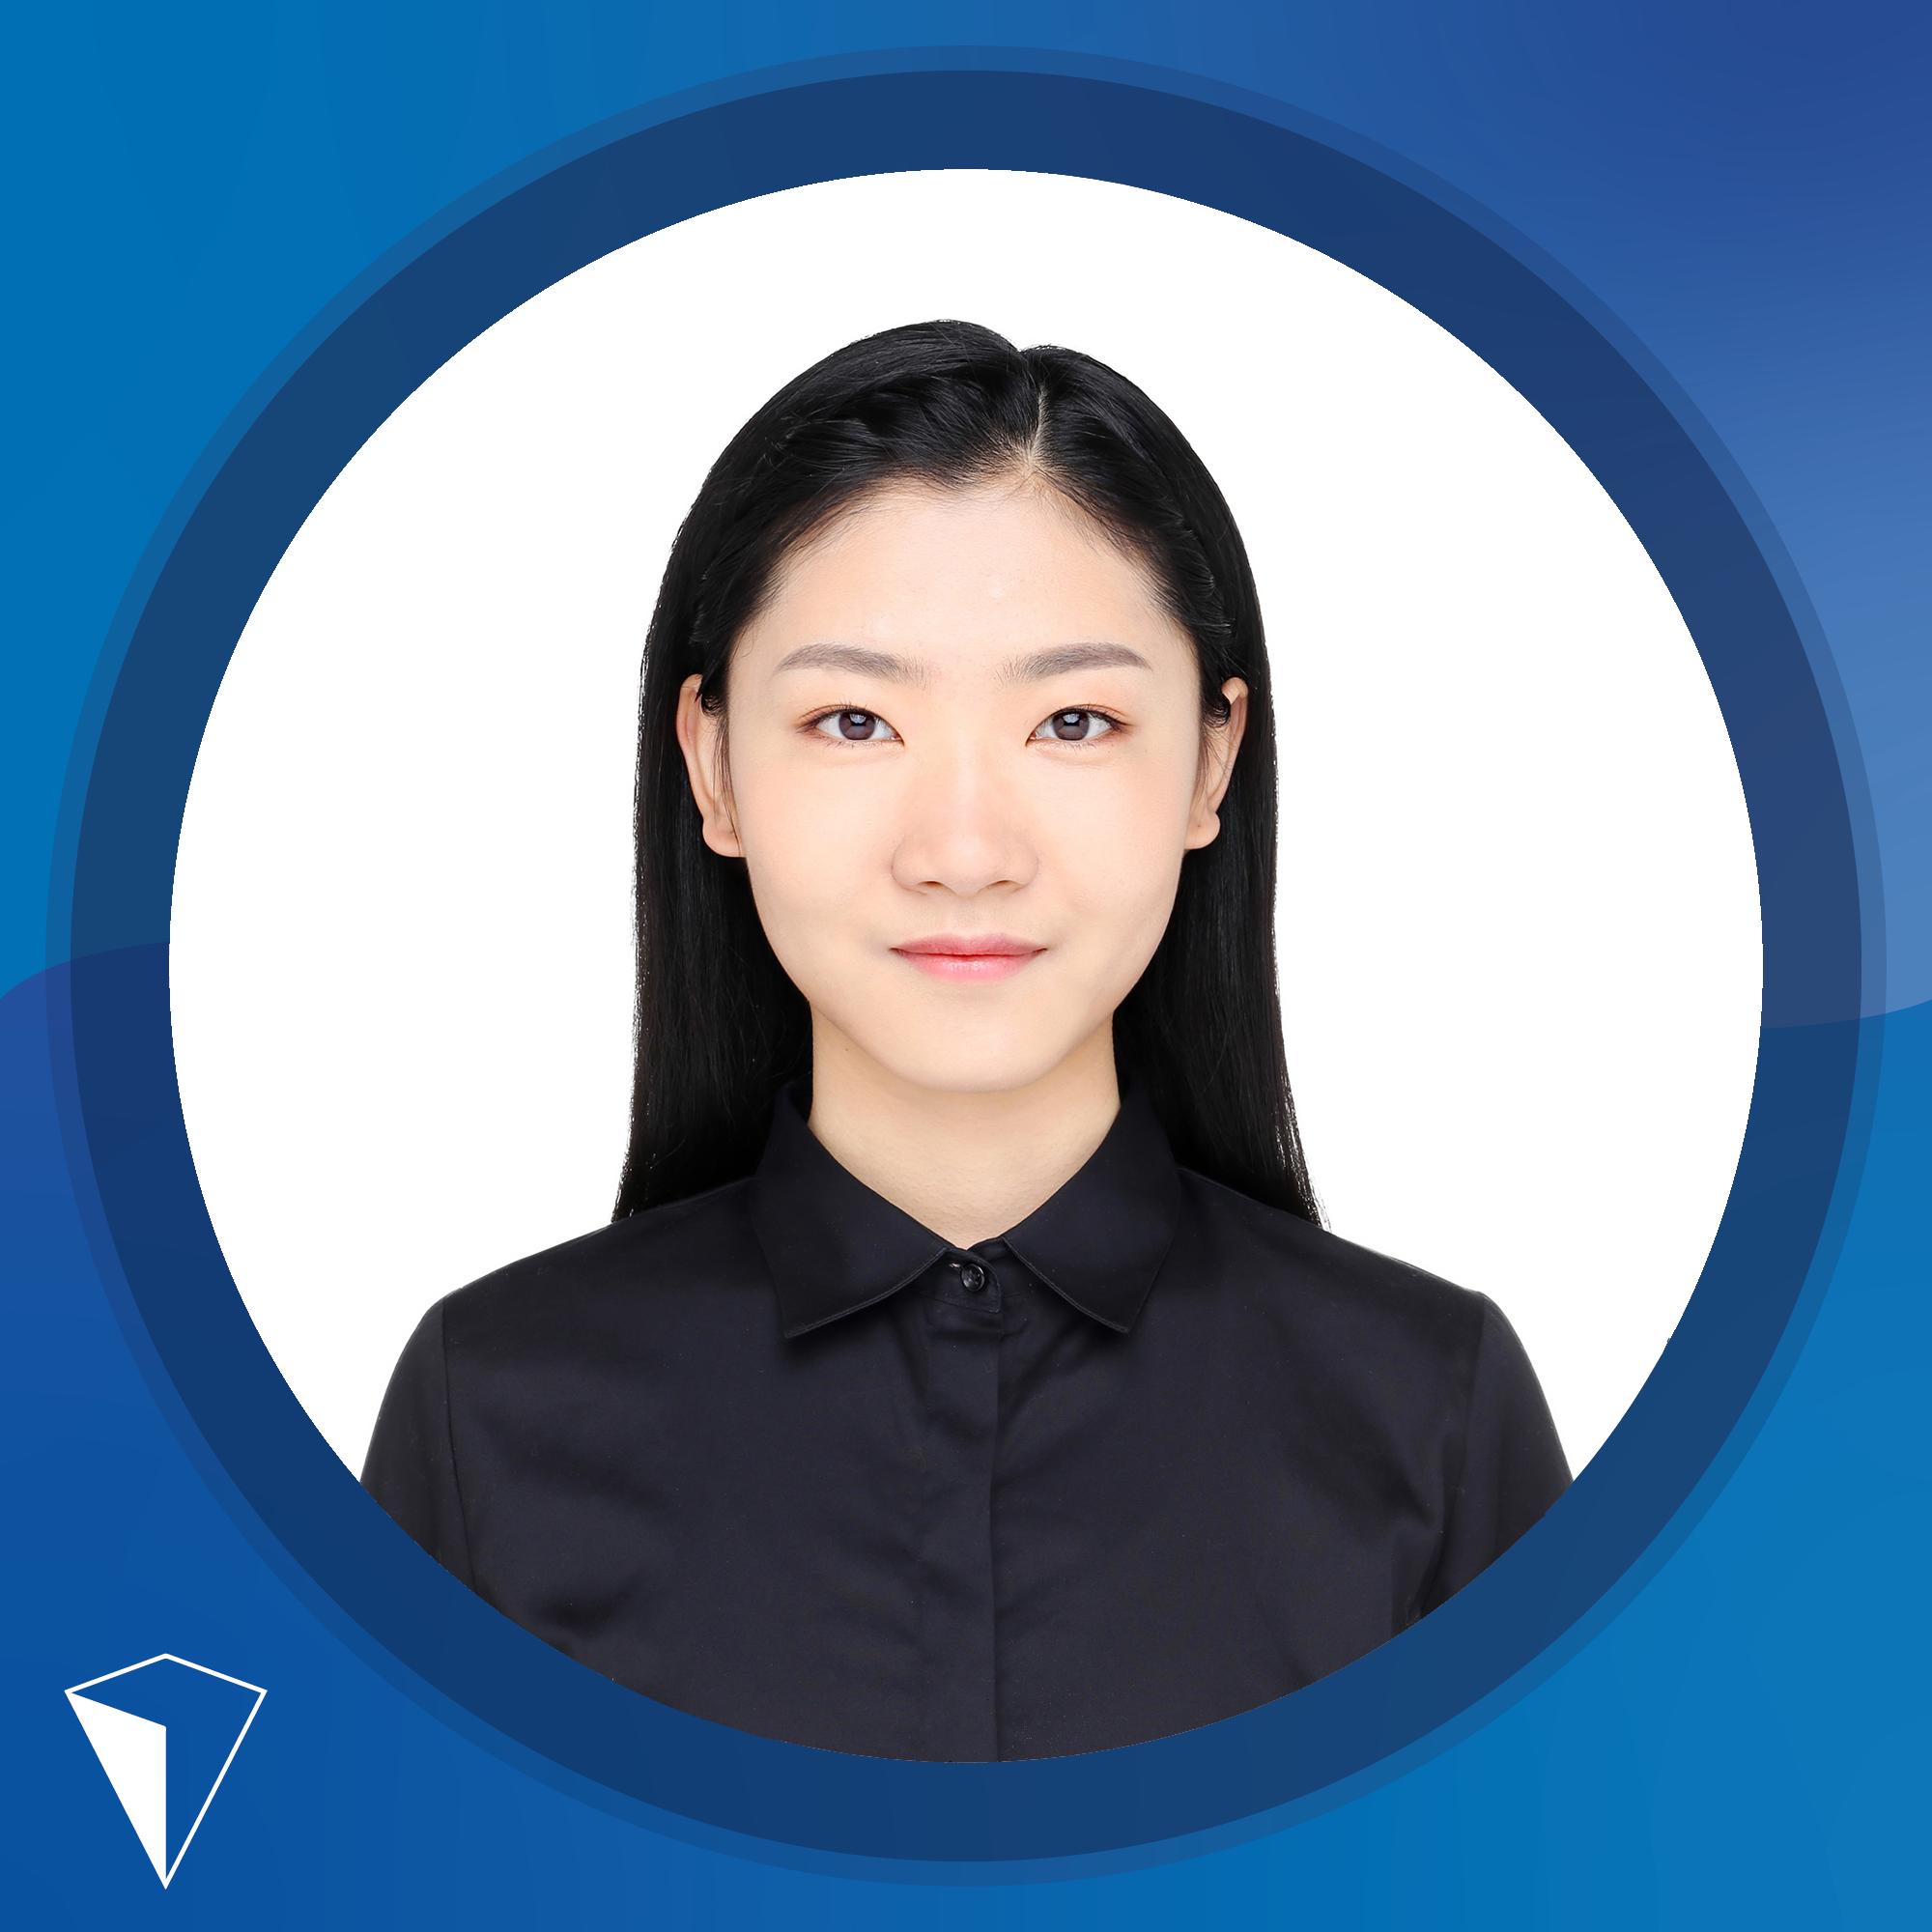 未来领域师资团队 Xinyi 讲师